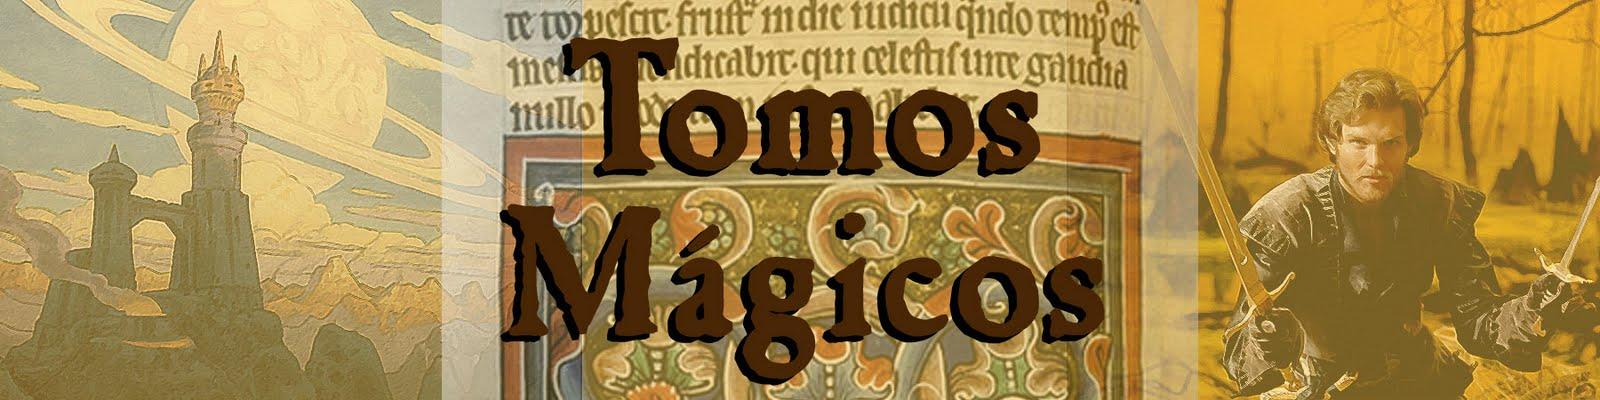 Tomos Mágicos